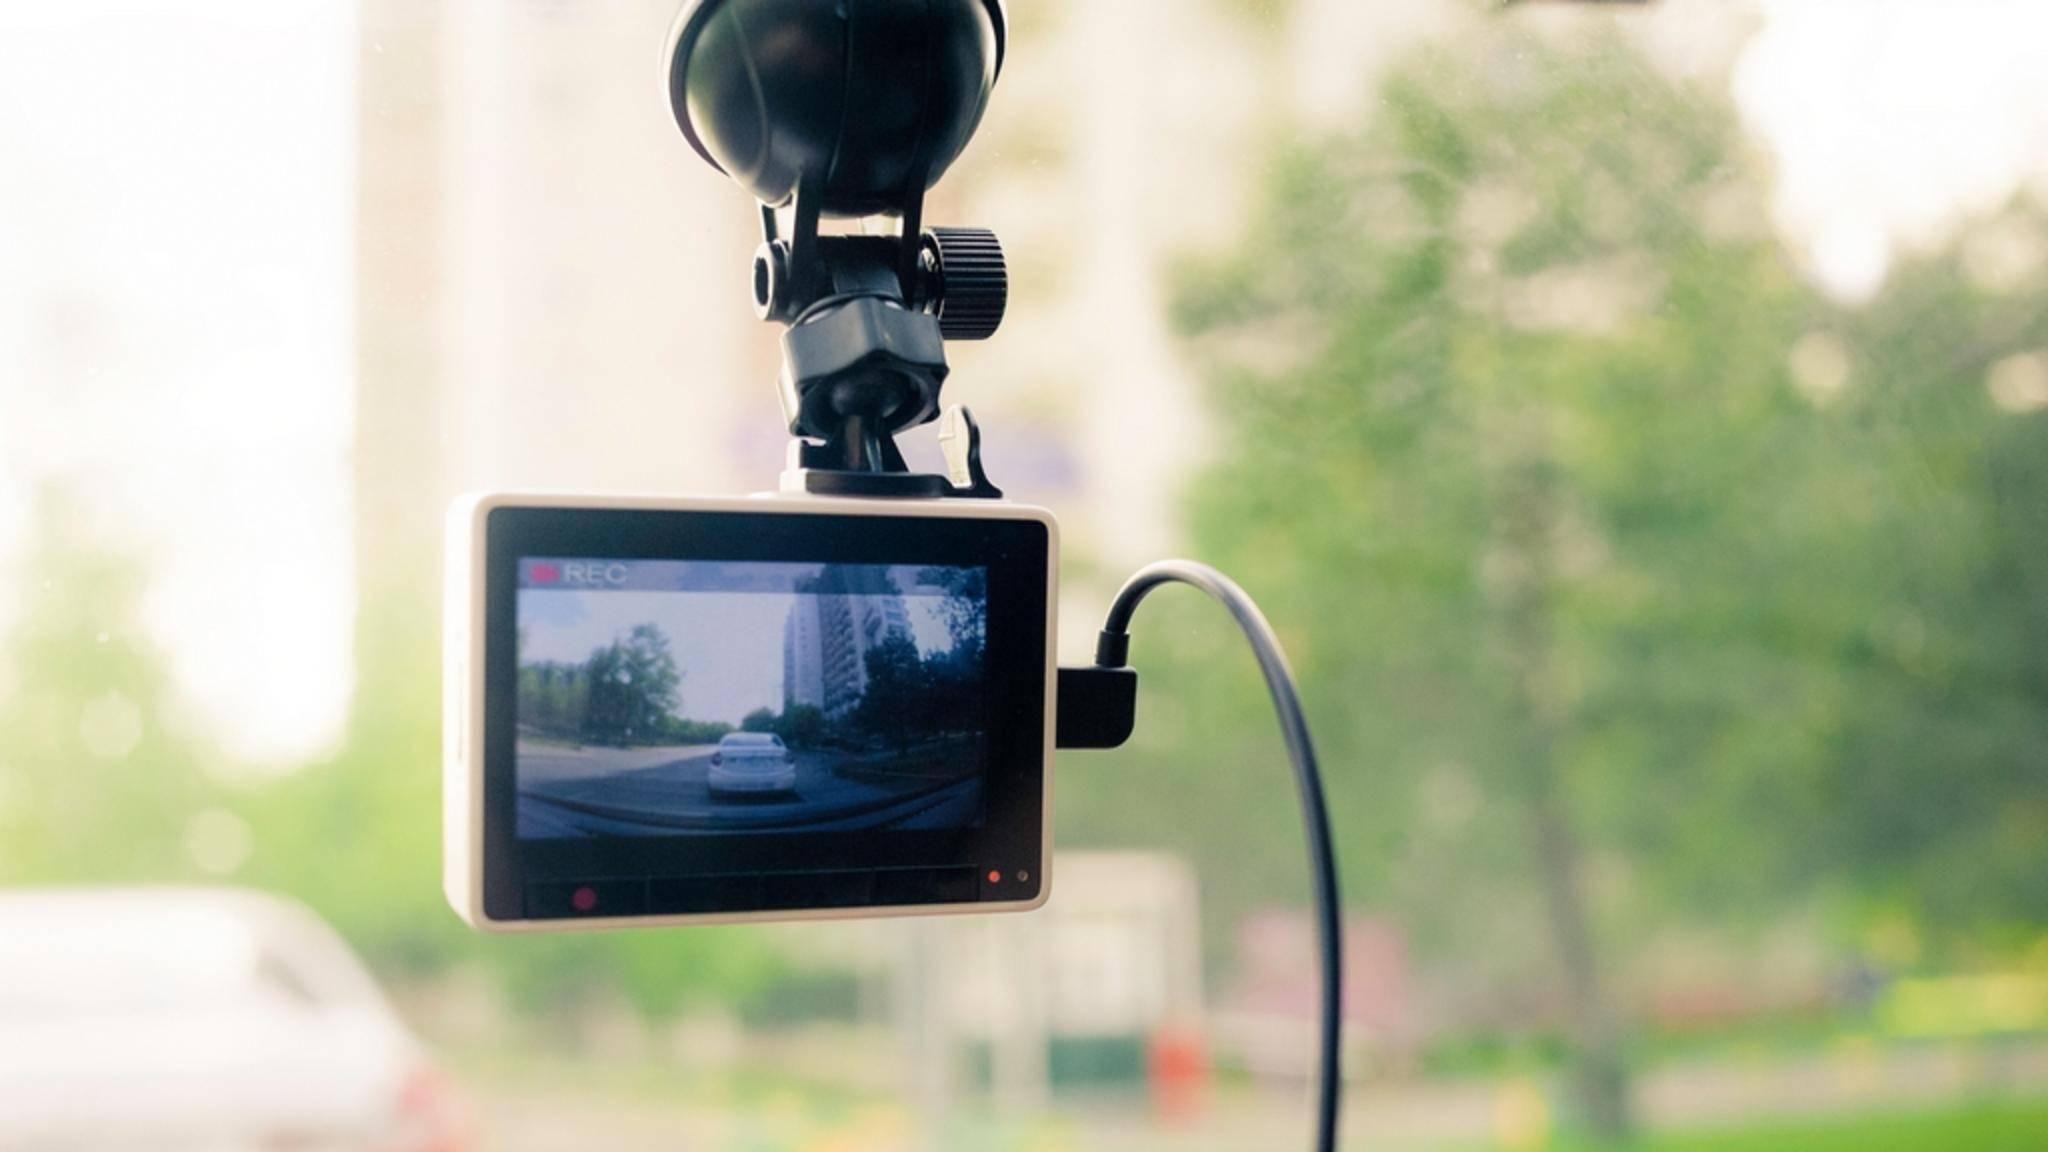 Die Verwendung einer Dashcam ist in Deutschland immer noch problematisch.